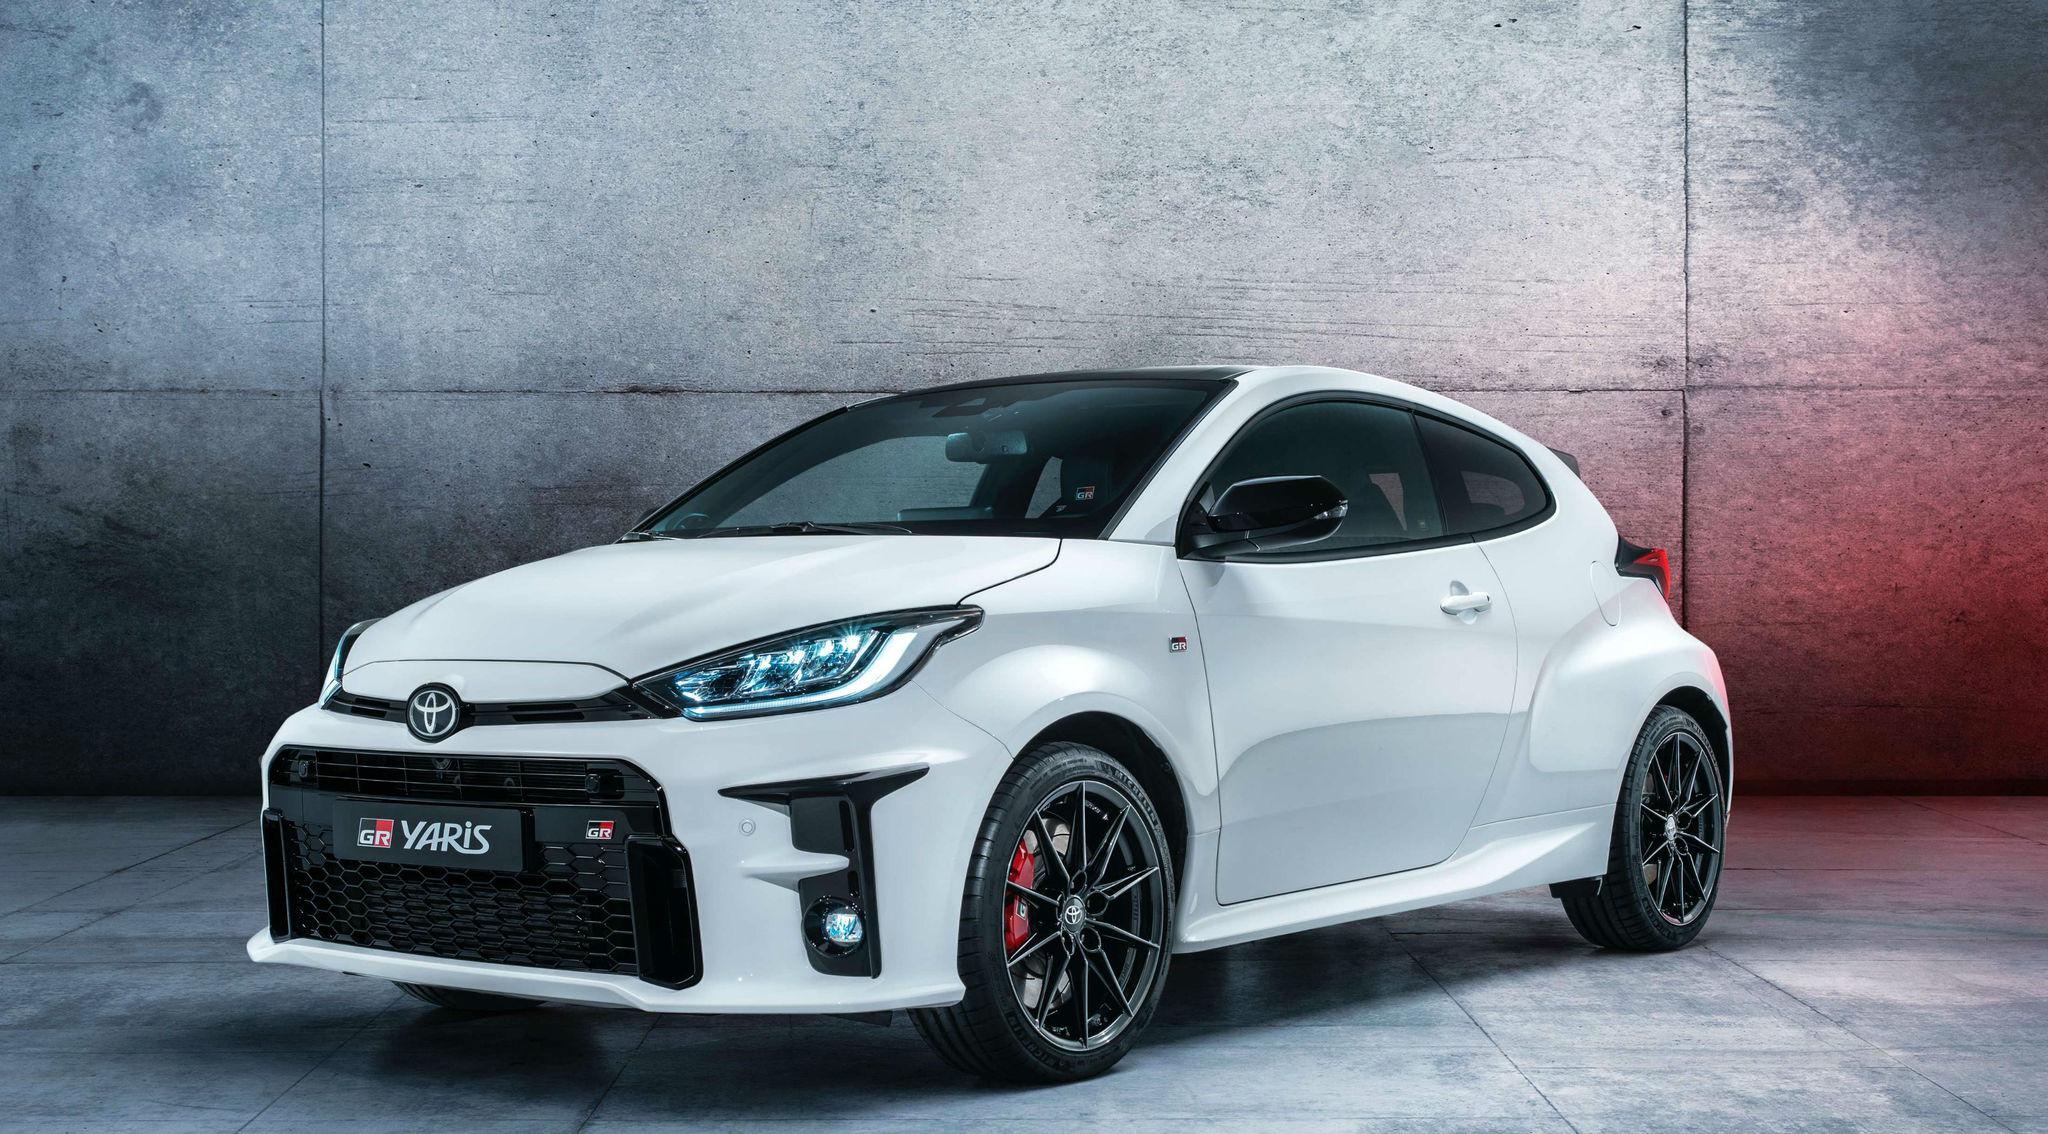 El nuevo Toyota GR Yaris ya se puede reservar: cuesta 32.900 euros